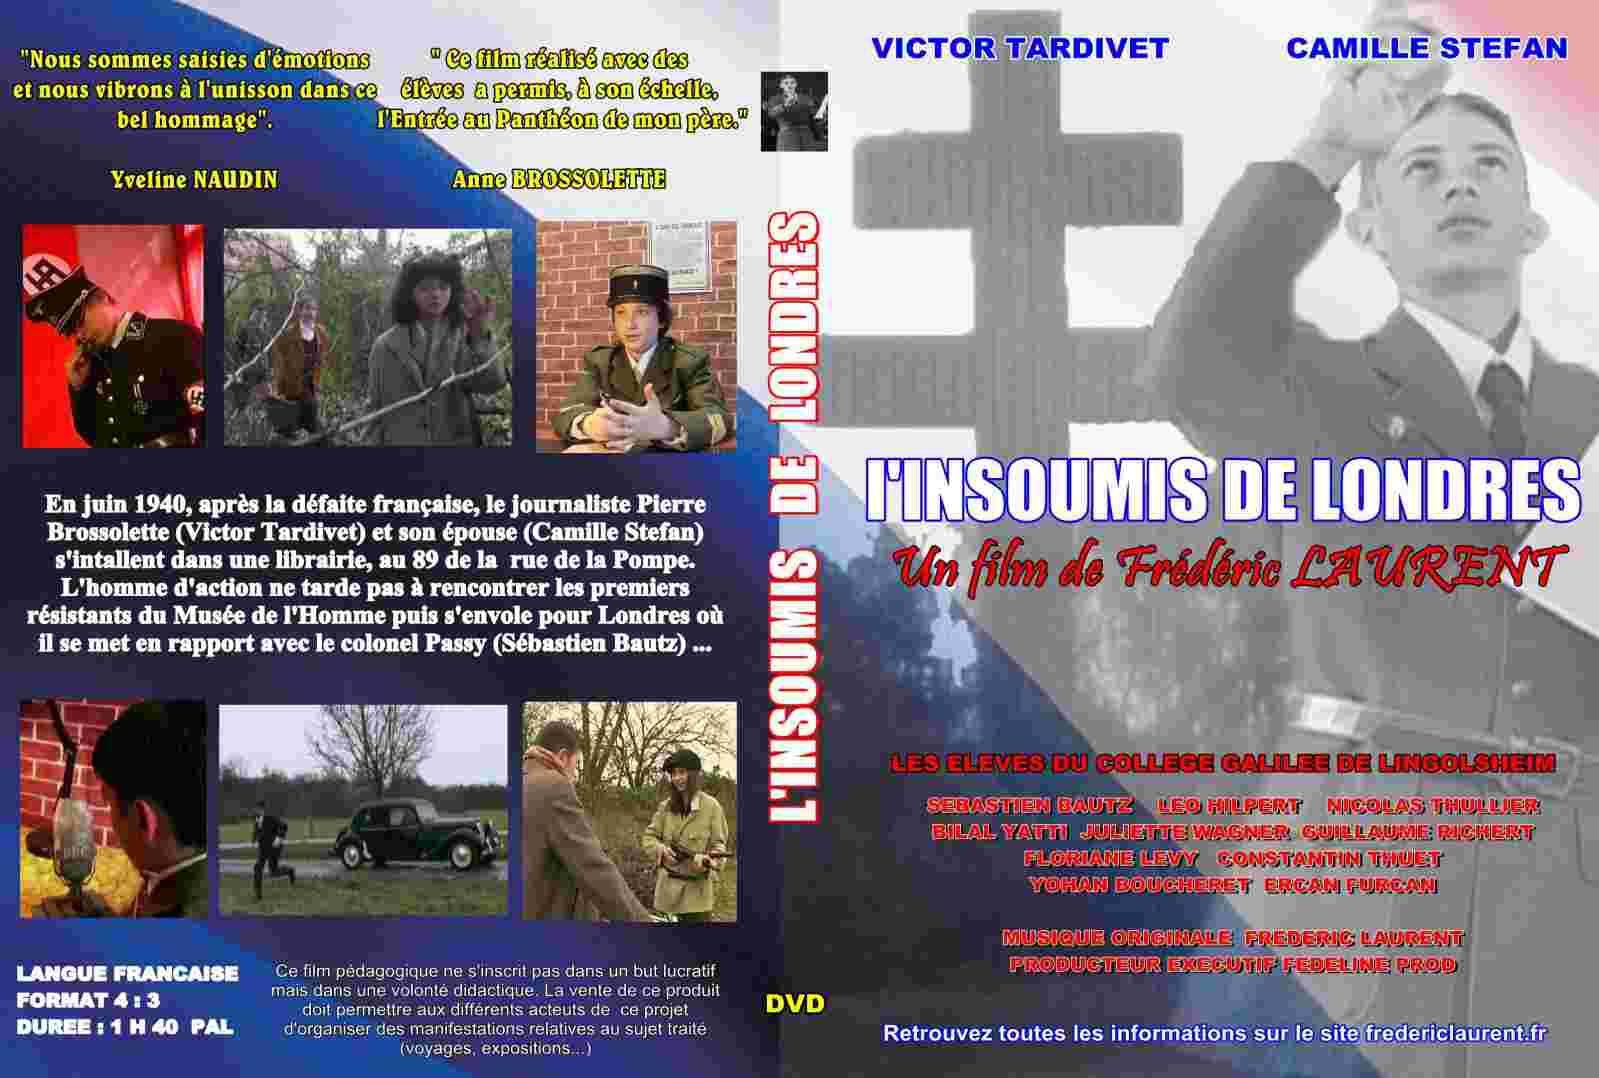 Pierre BROSSOLETTE, L'Insoumis de Londres - Film (2014)